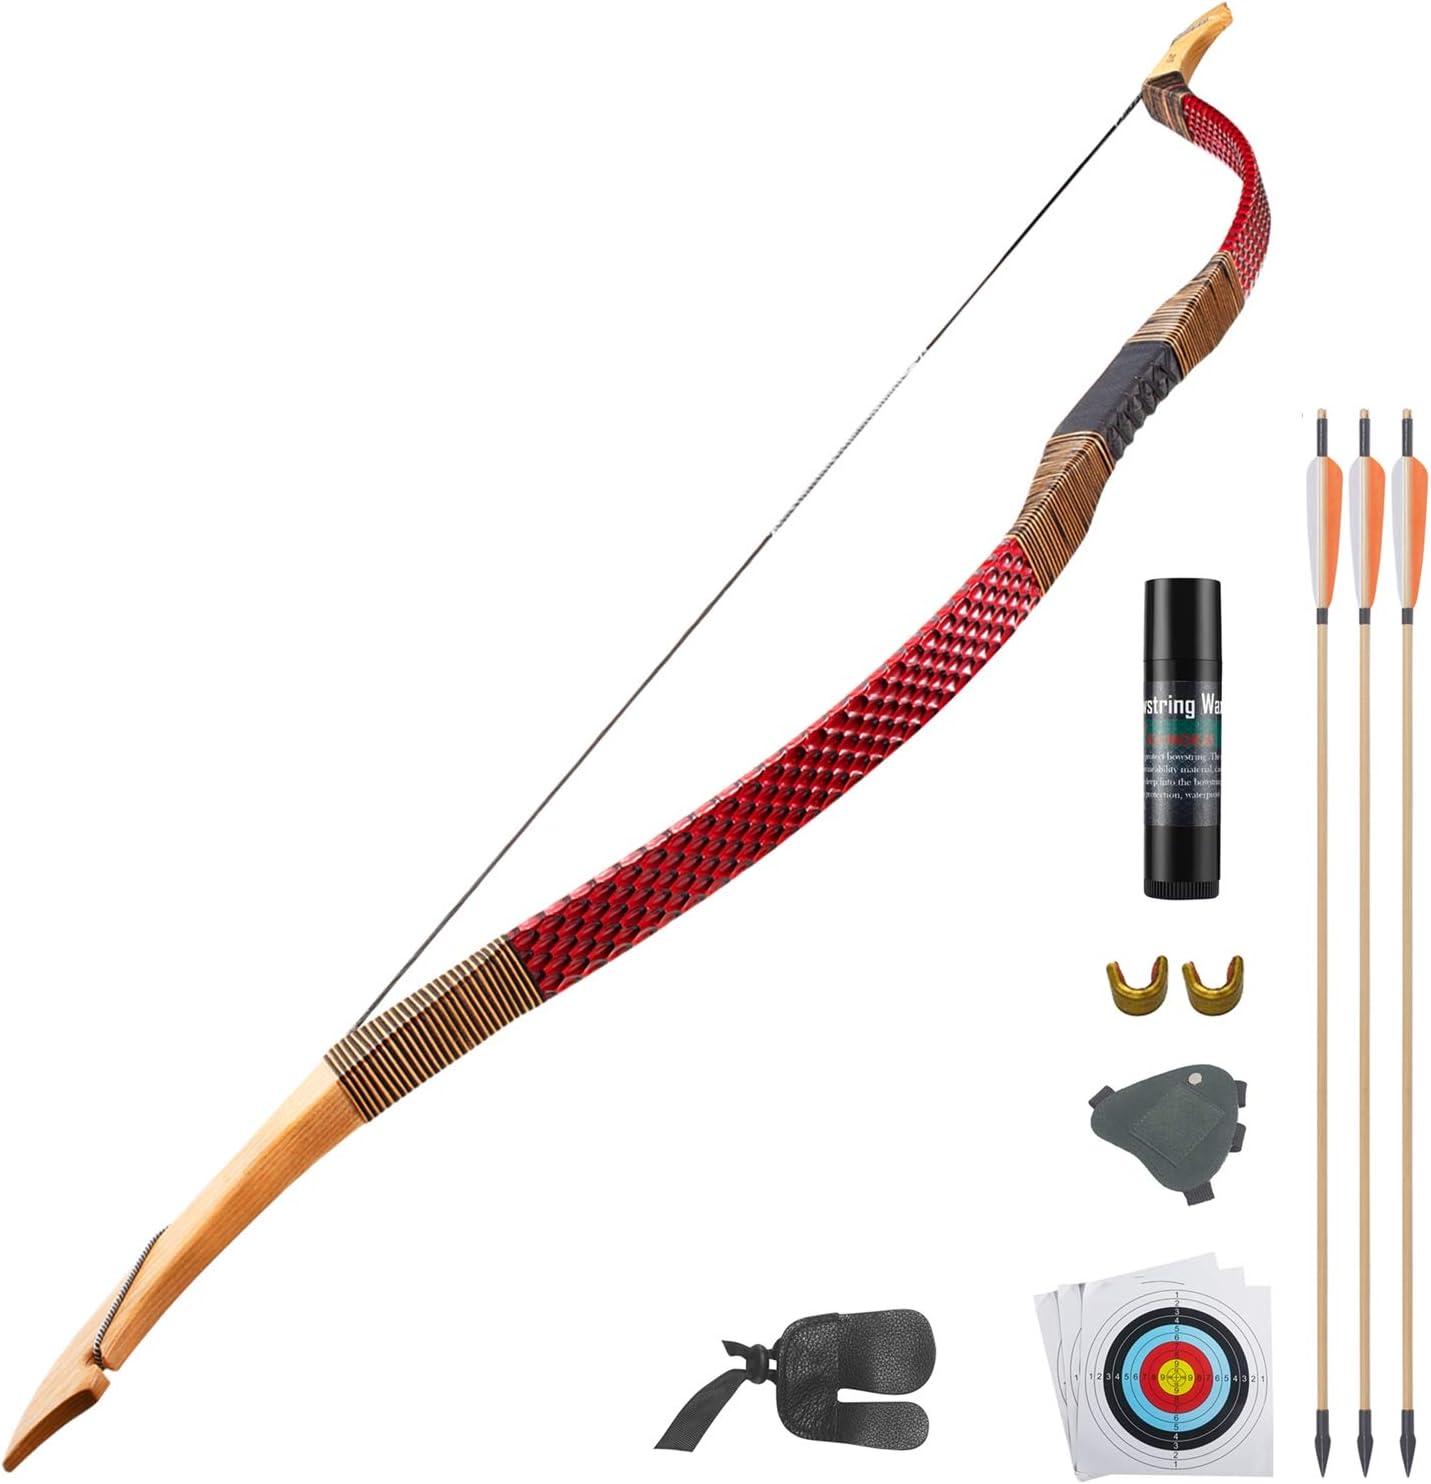 KAINOKAI Traditional Handmade Hunting Recurve Archery Bow